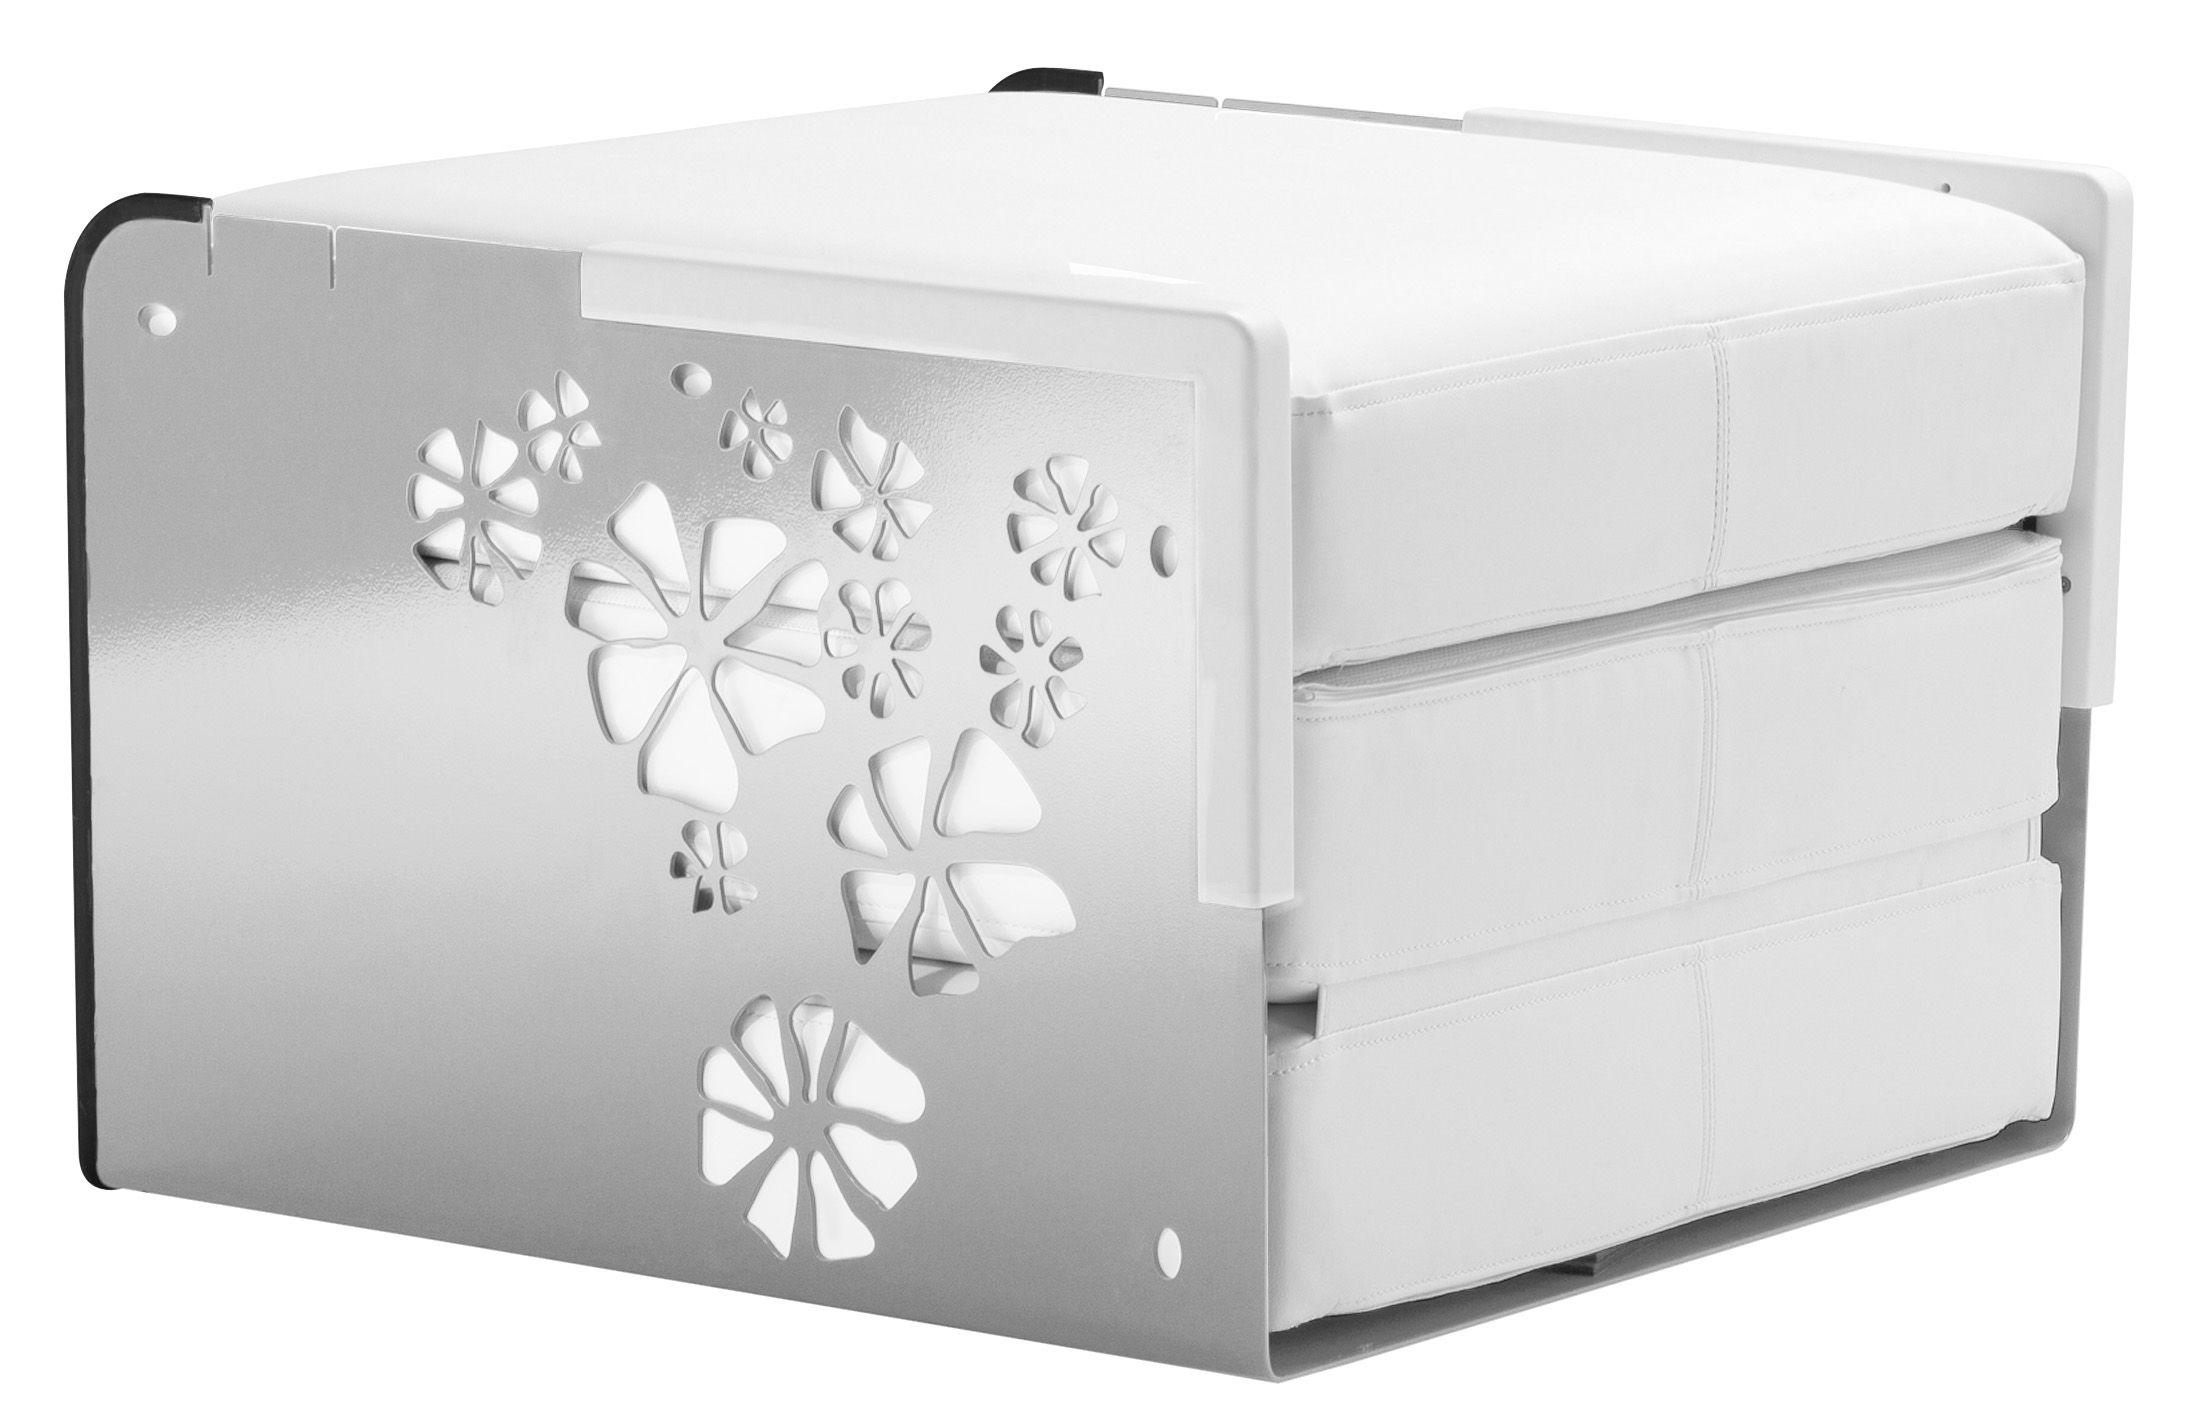 Arredamento - Pouf - Poltroncina convertibile Kube - Può diventare una poltroncina, una sdraio o un tavolino di EGO Paris - Struttura argento con angoli bianchi / Cuscini bianchi - Alluminio laccato, Corian, Vinile